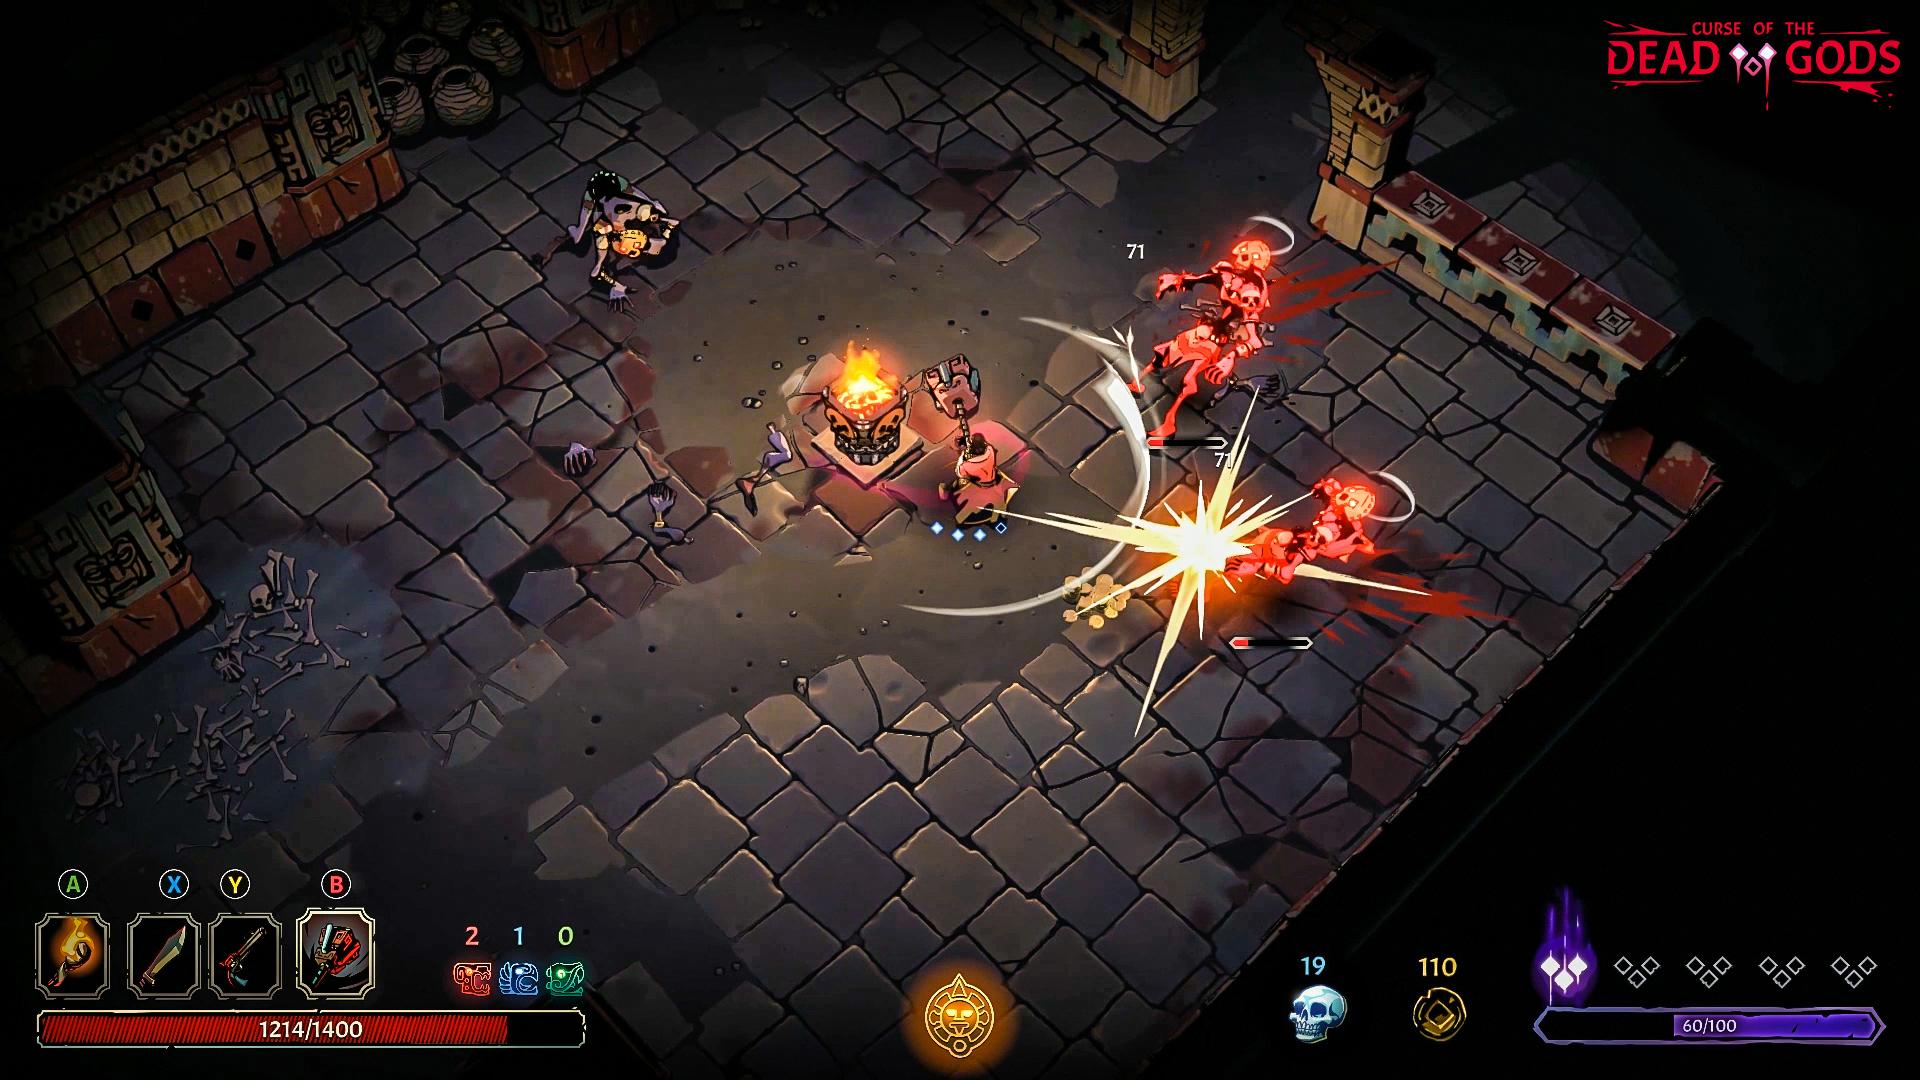 Gambar dari Curse of the Dead Gods 8/28